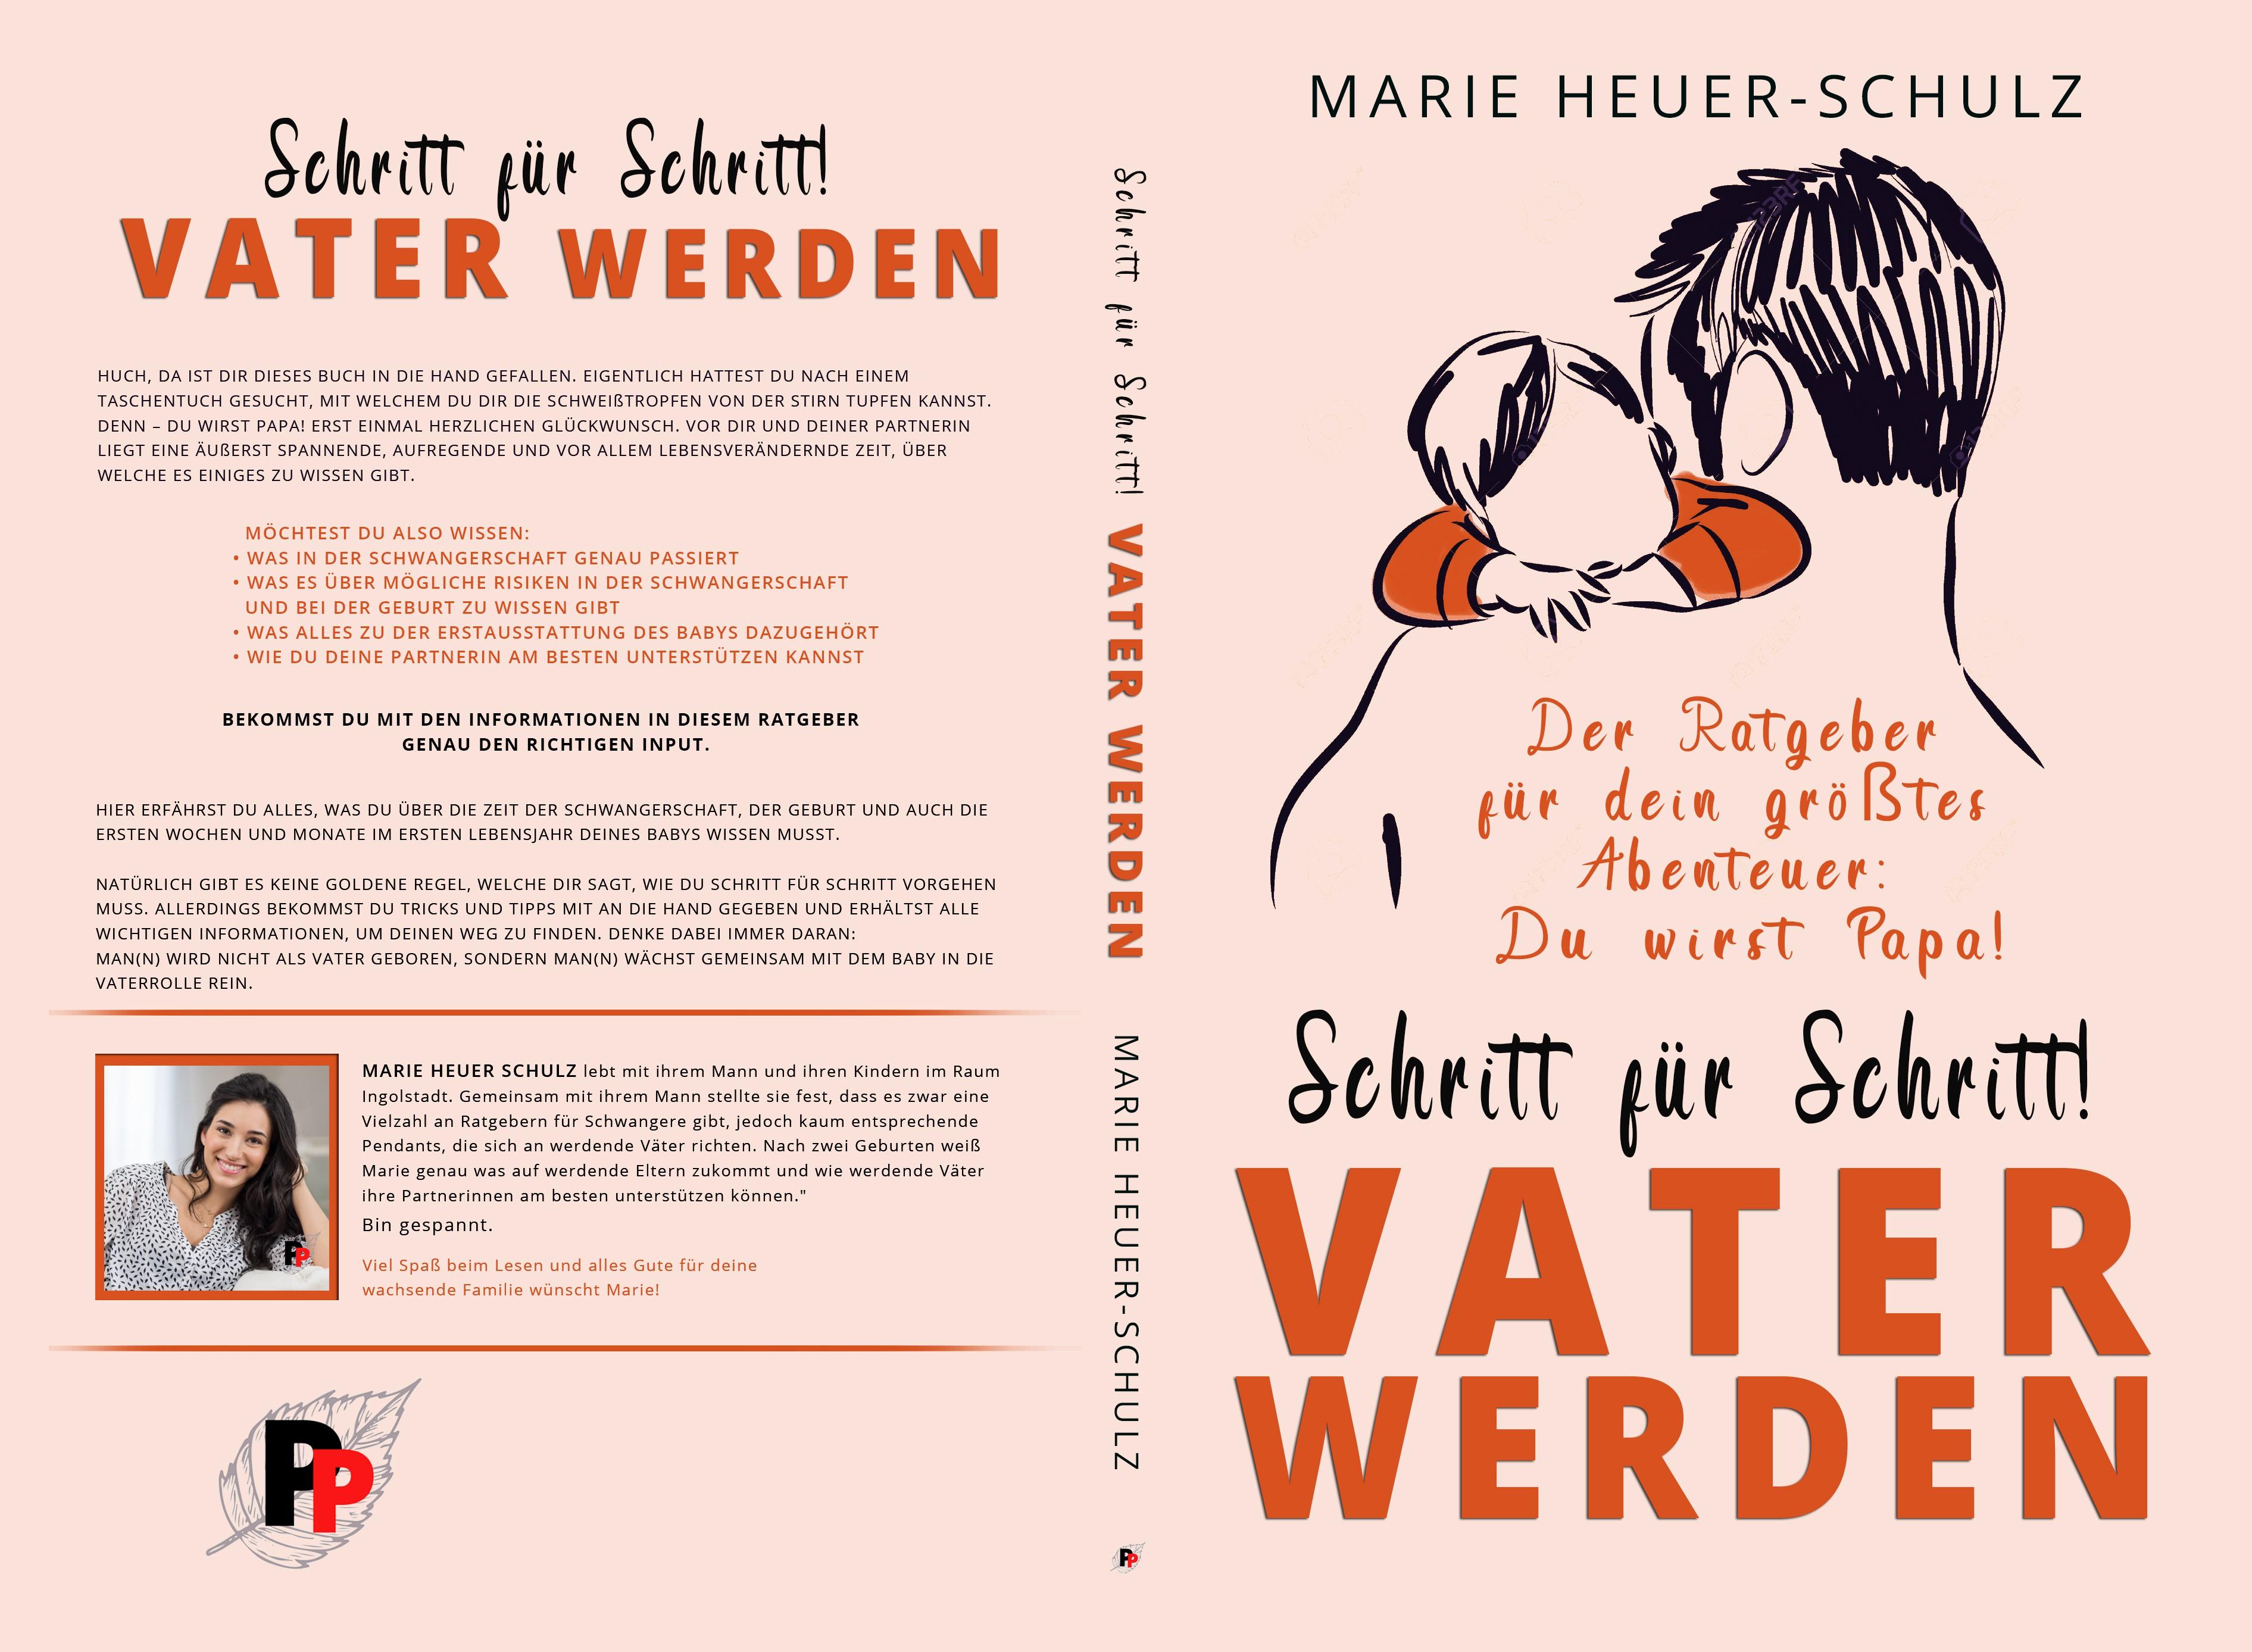 Buchcover für ein Sachbuch für werdende Väter